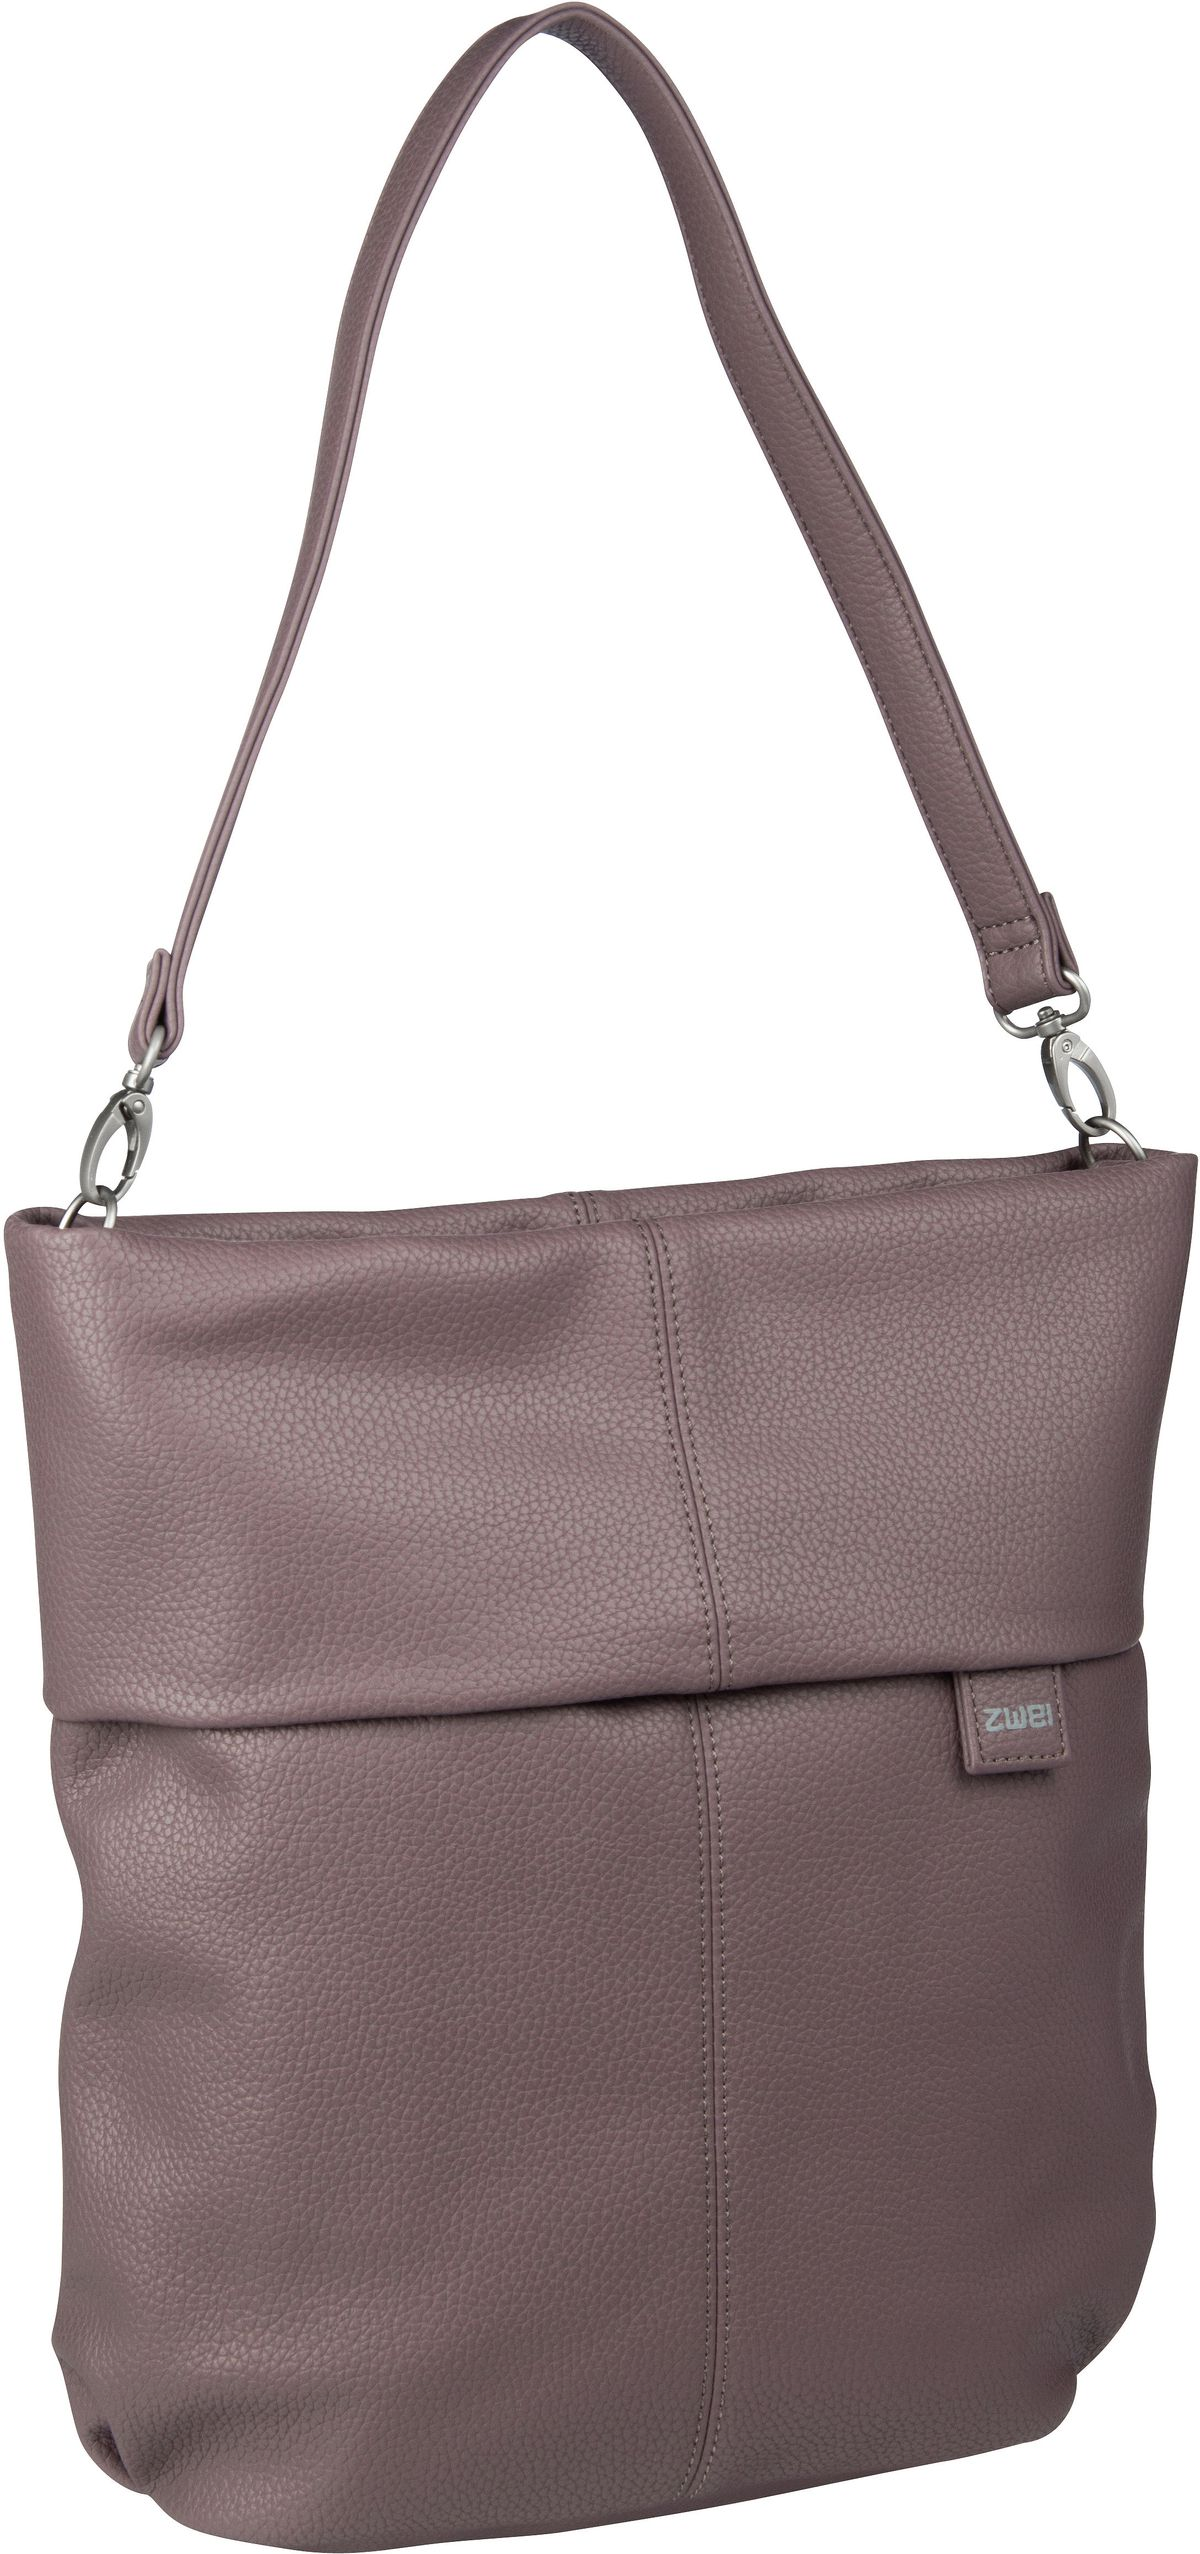 Handtasche Mademoiselle M12 Mauve (7 Liter)